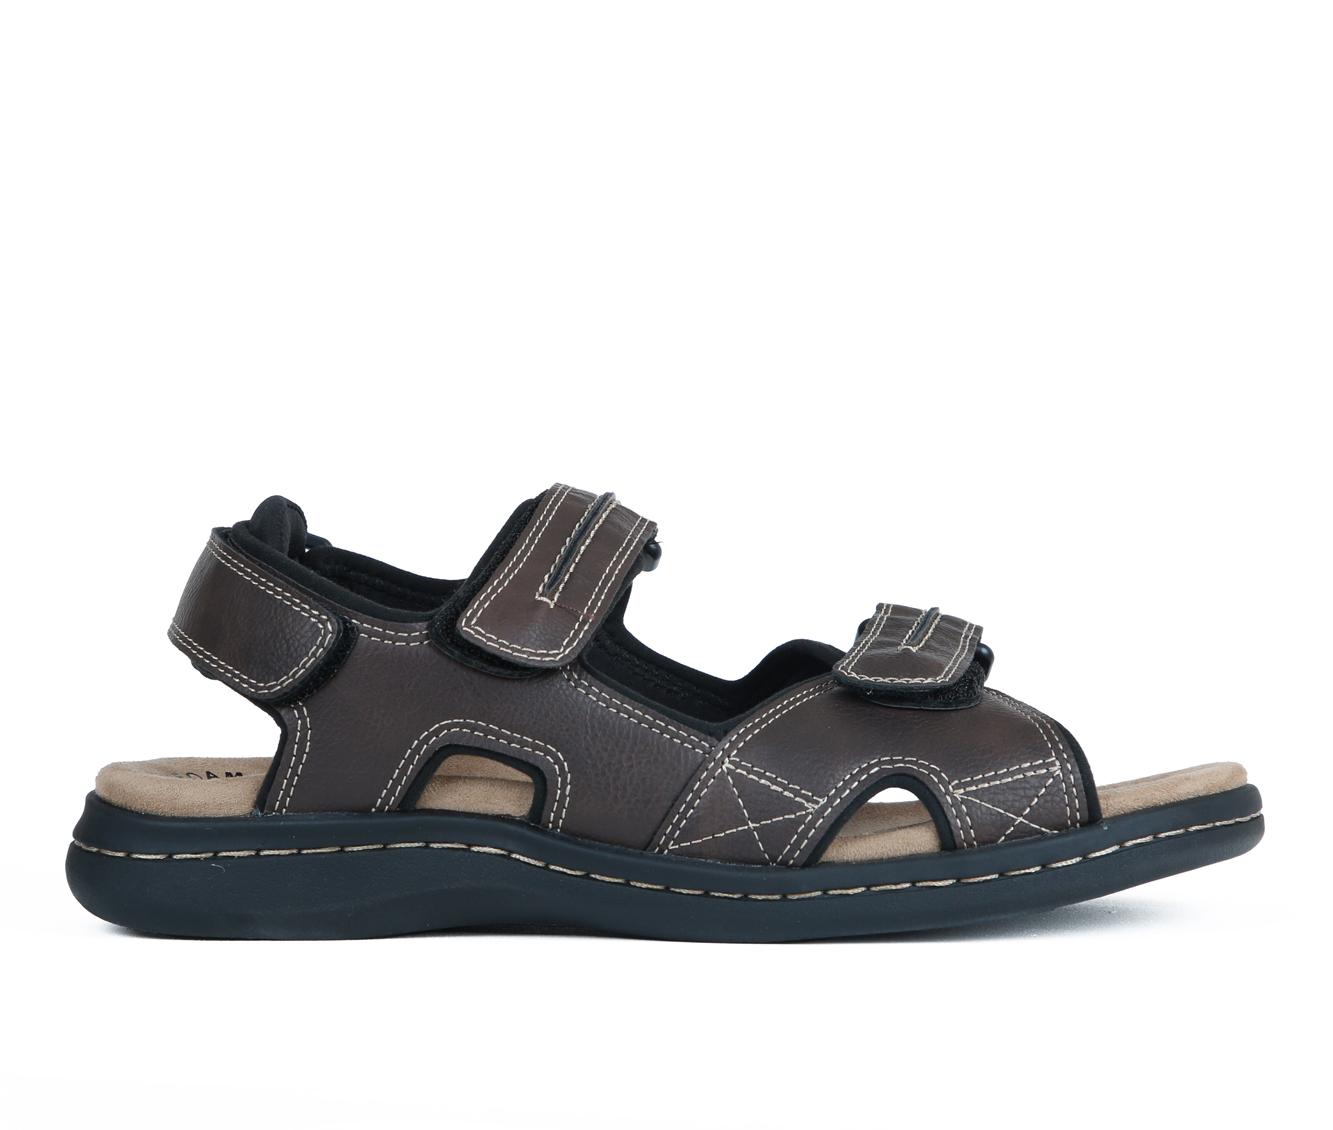 Men's Dockers Newpage Sandals (Brown)